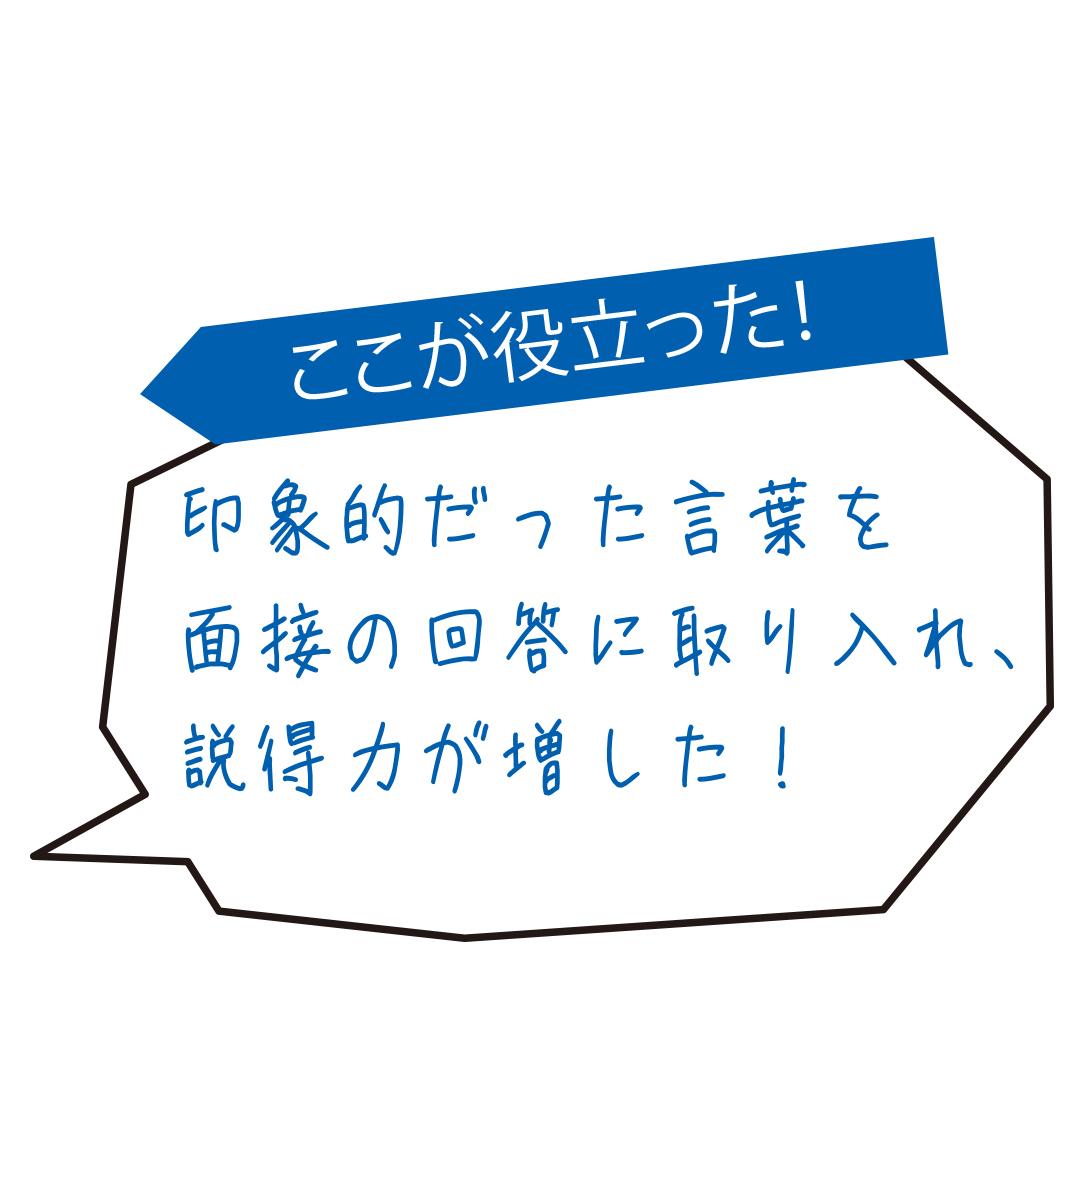 【就活】テレビ局にインターンに行ってみた! 先輩の体験記をチェック★_1_2-5